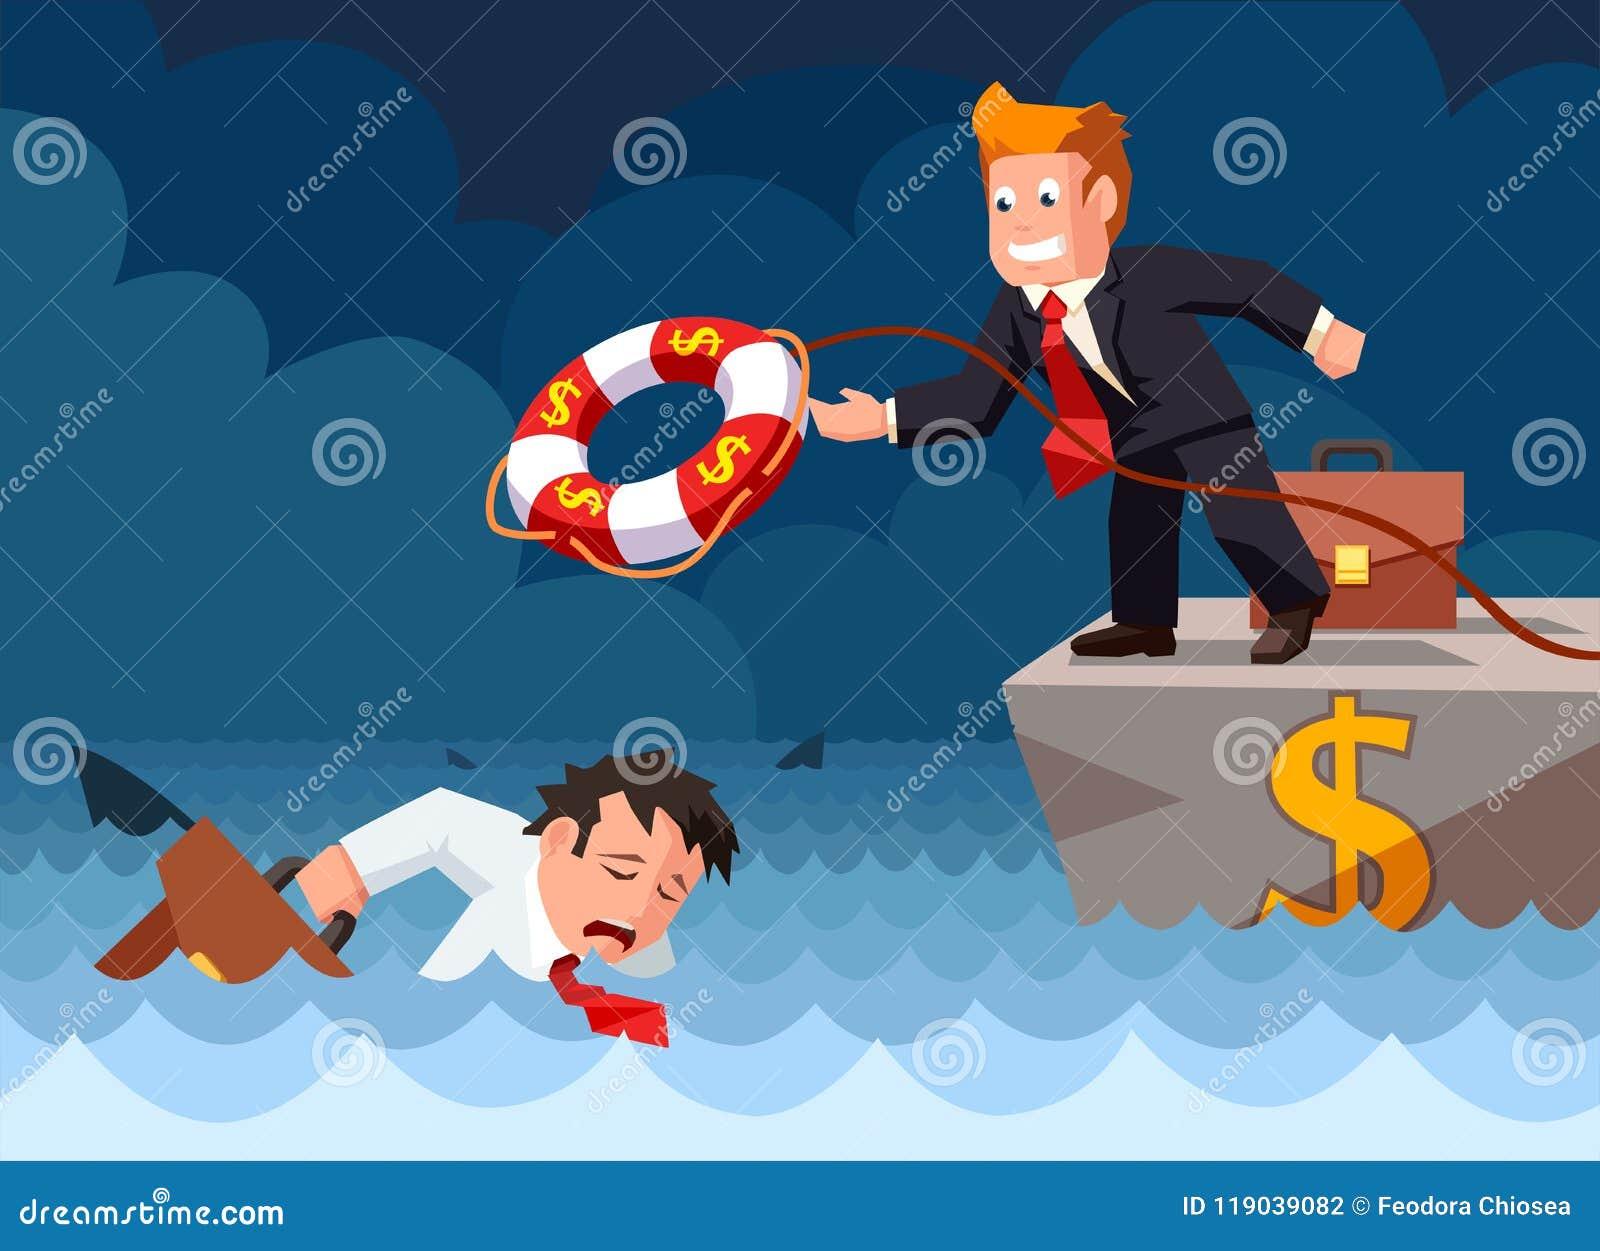 Flache Art des Karikaturvektors eines Bankangestellten, der einen Rettungsring zu einem ertrinkenden Geschäftsmann in der Gefahr